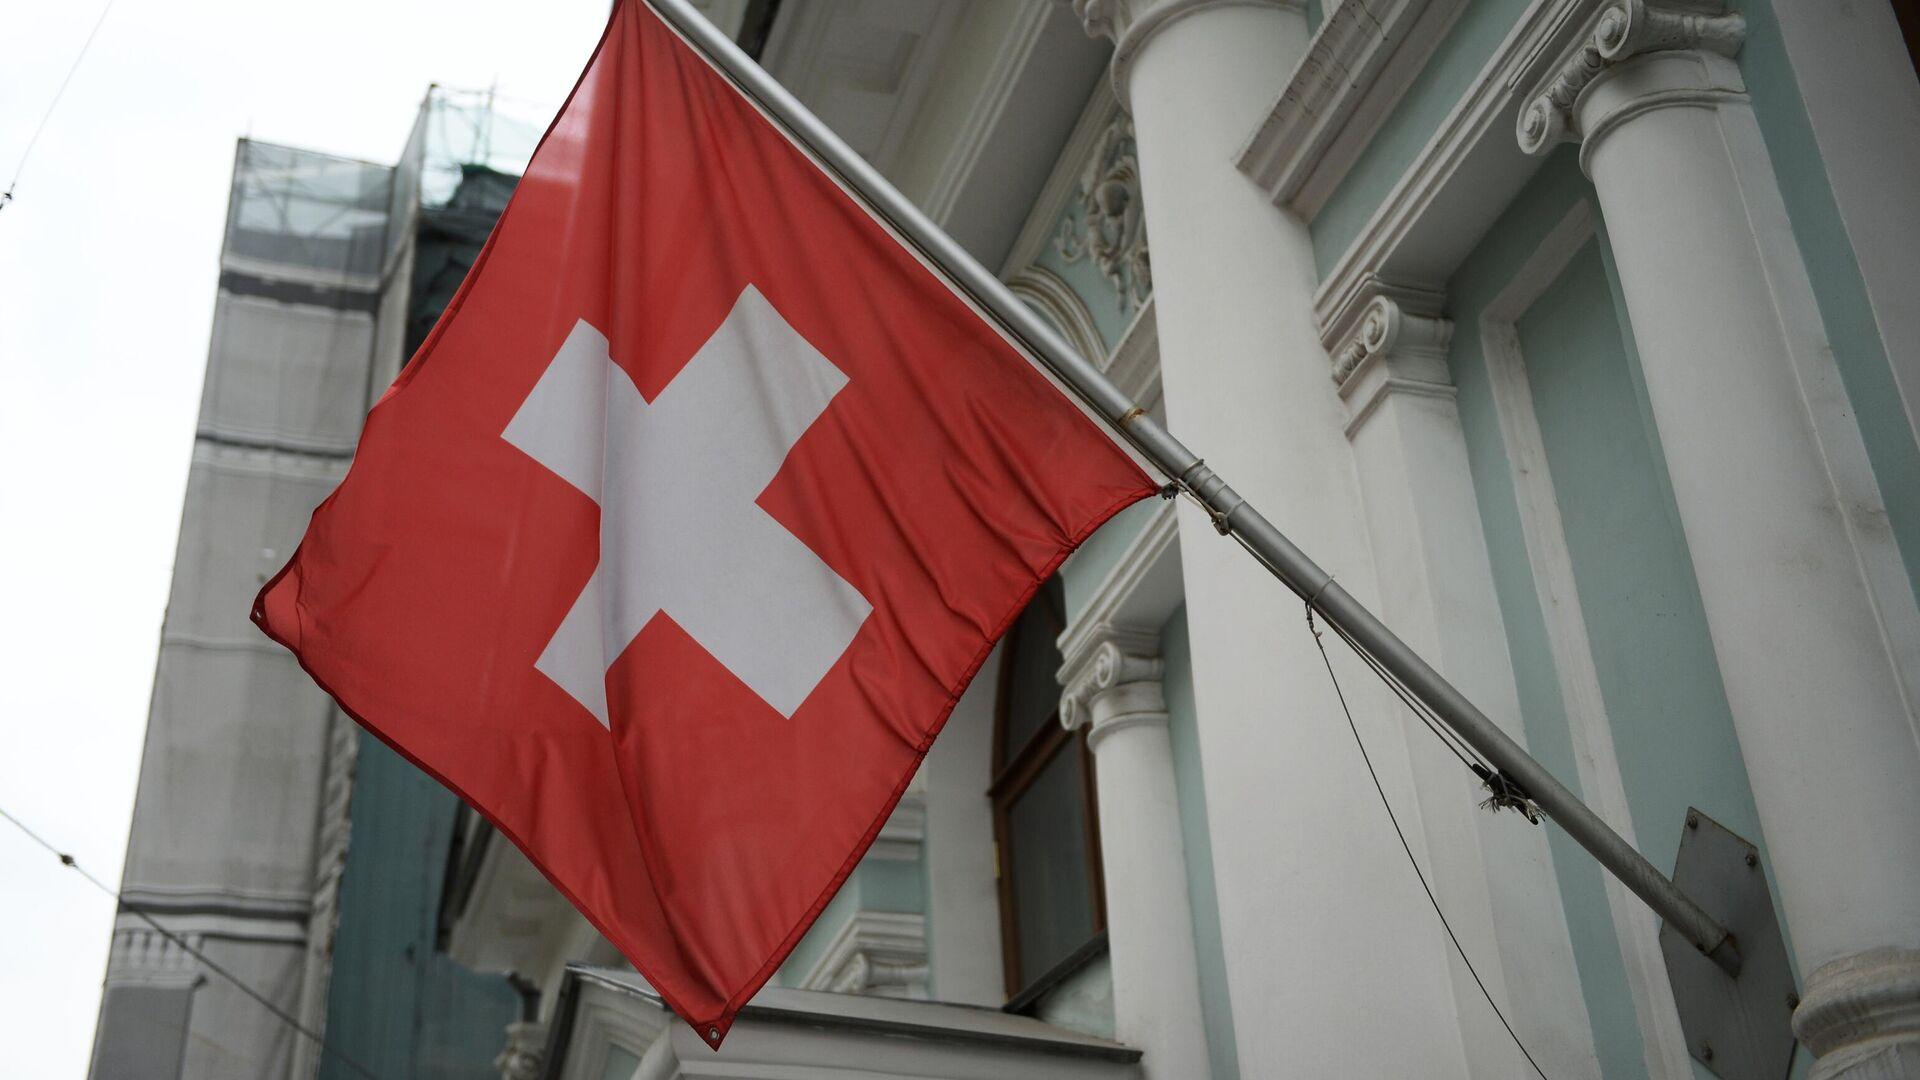 Schweizer Flagge auf der Schweizer Botschaft in Moskau (Archivbild) - SNA, 1920, 14.10.2021